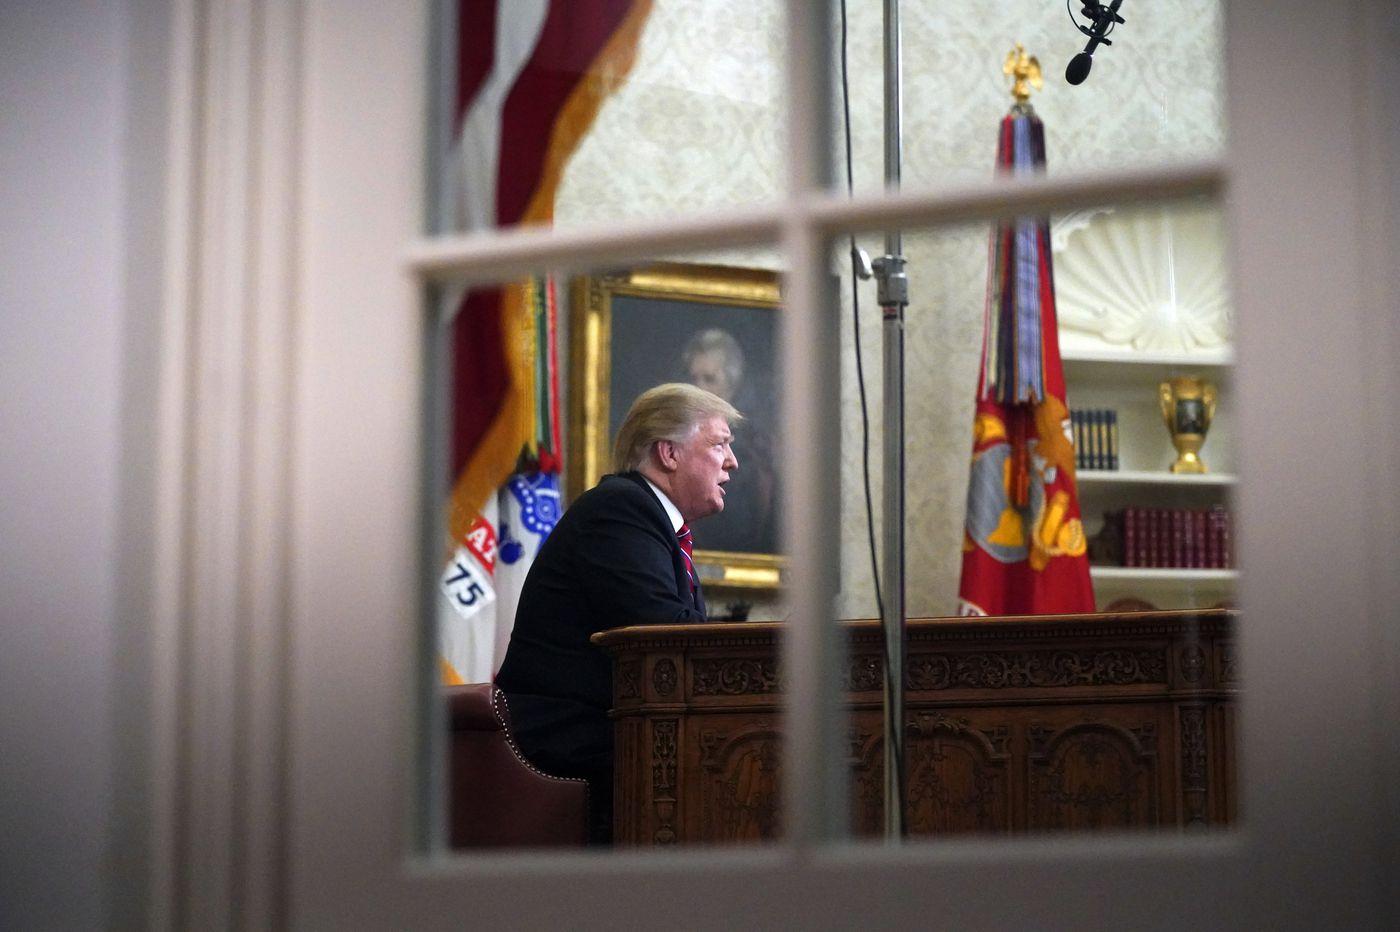 Trump presses for border wall, blames Democrats for government shutdown in prime-time speech